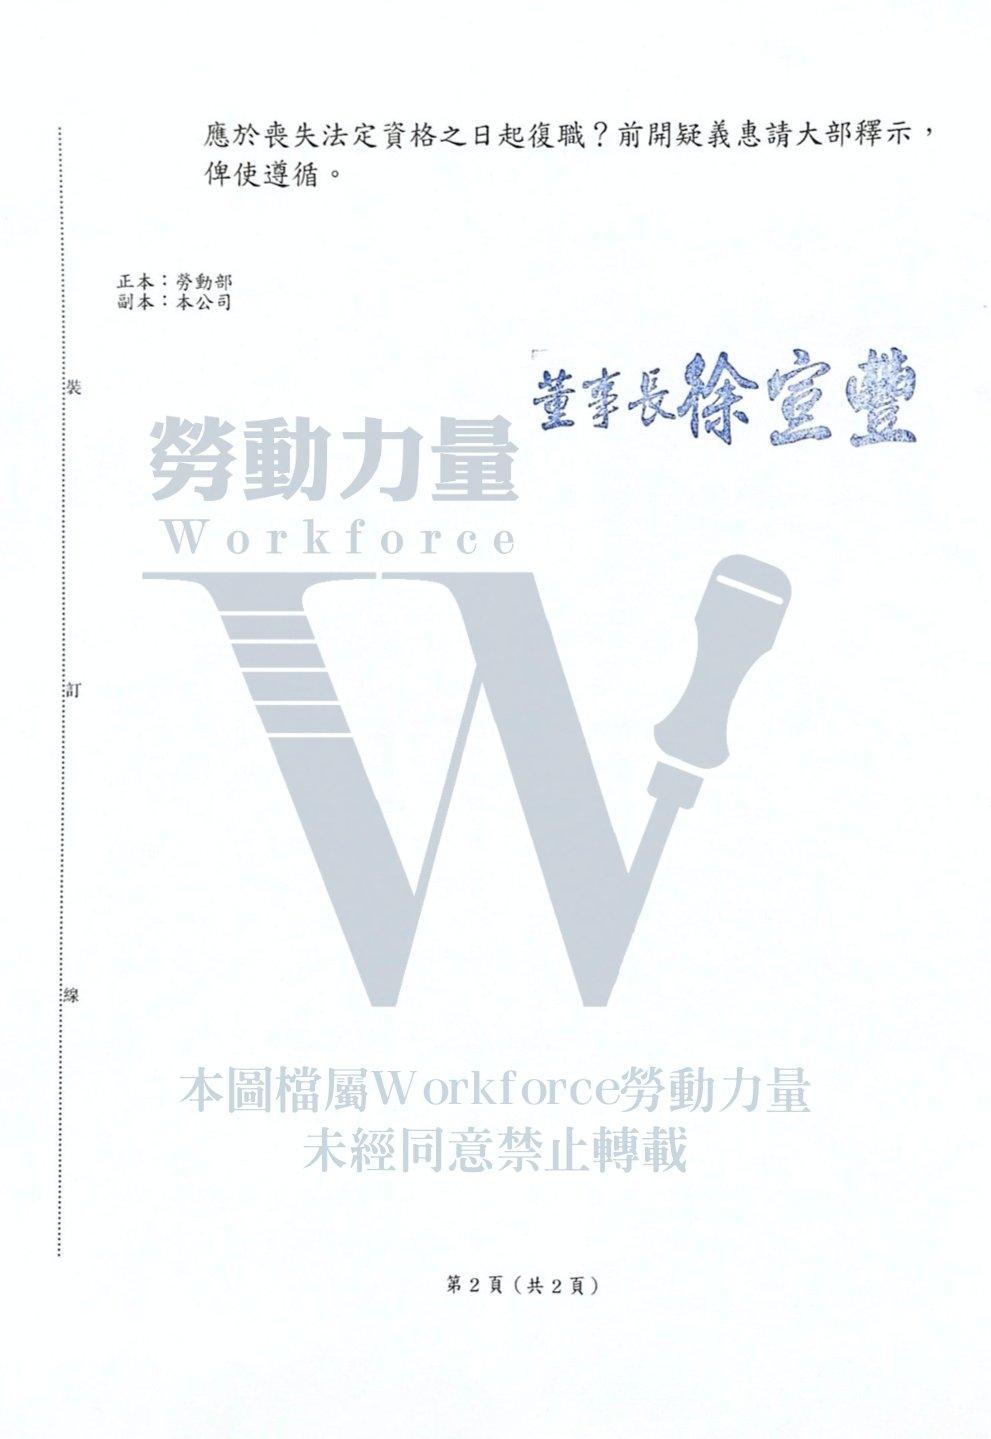 1080912勞力字第10809120101號函(函詢勞動部育嬰留停疑義)-2